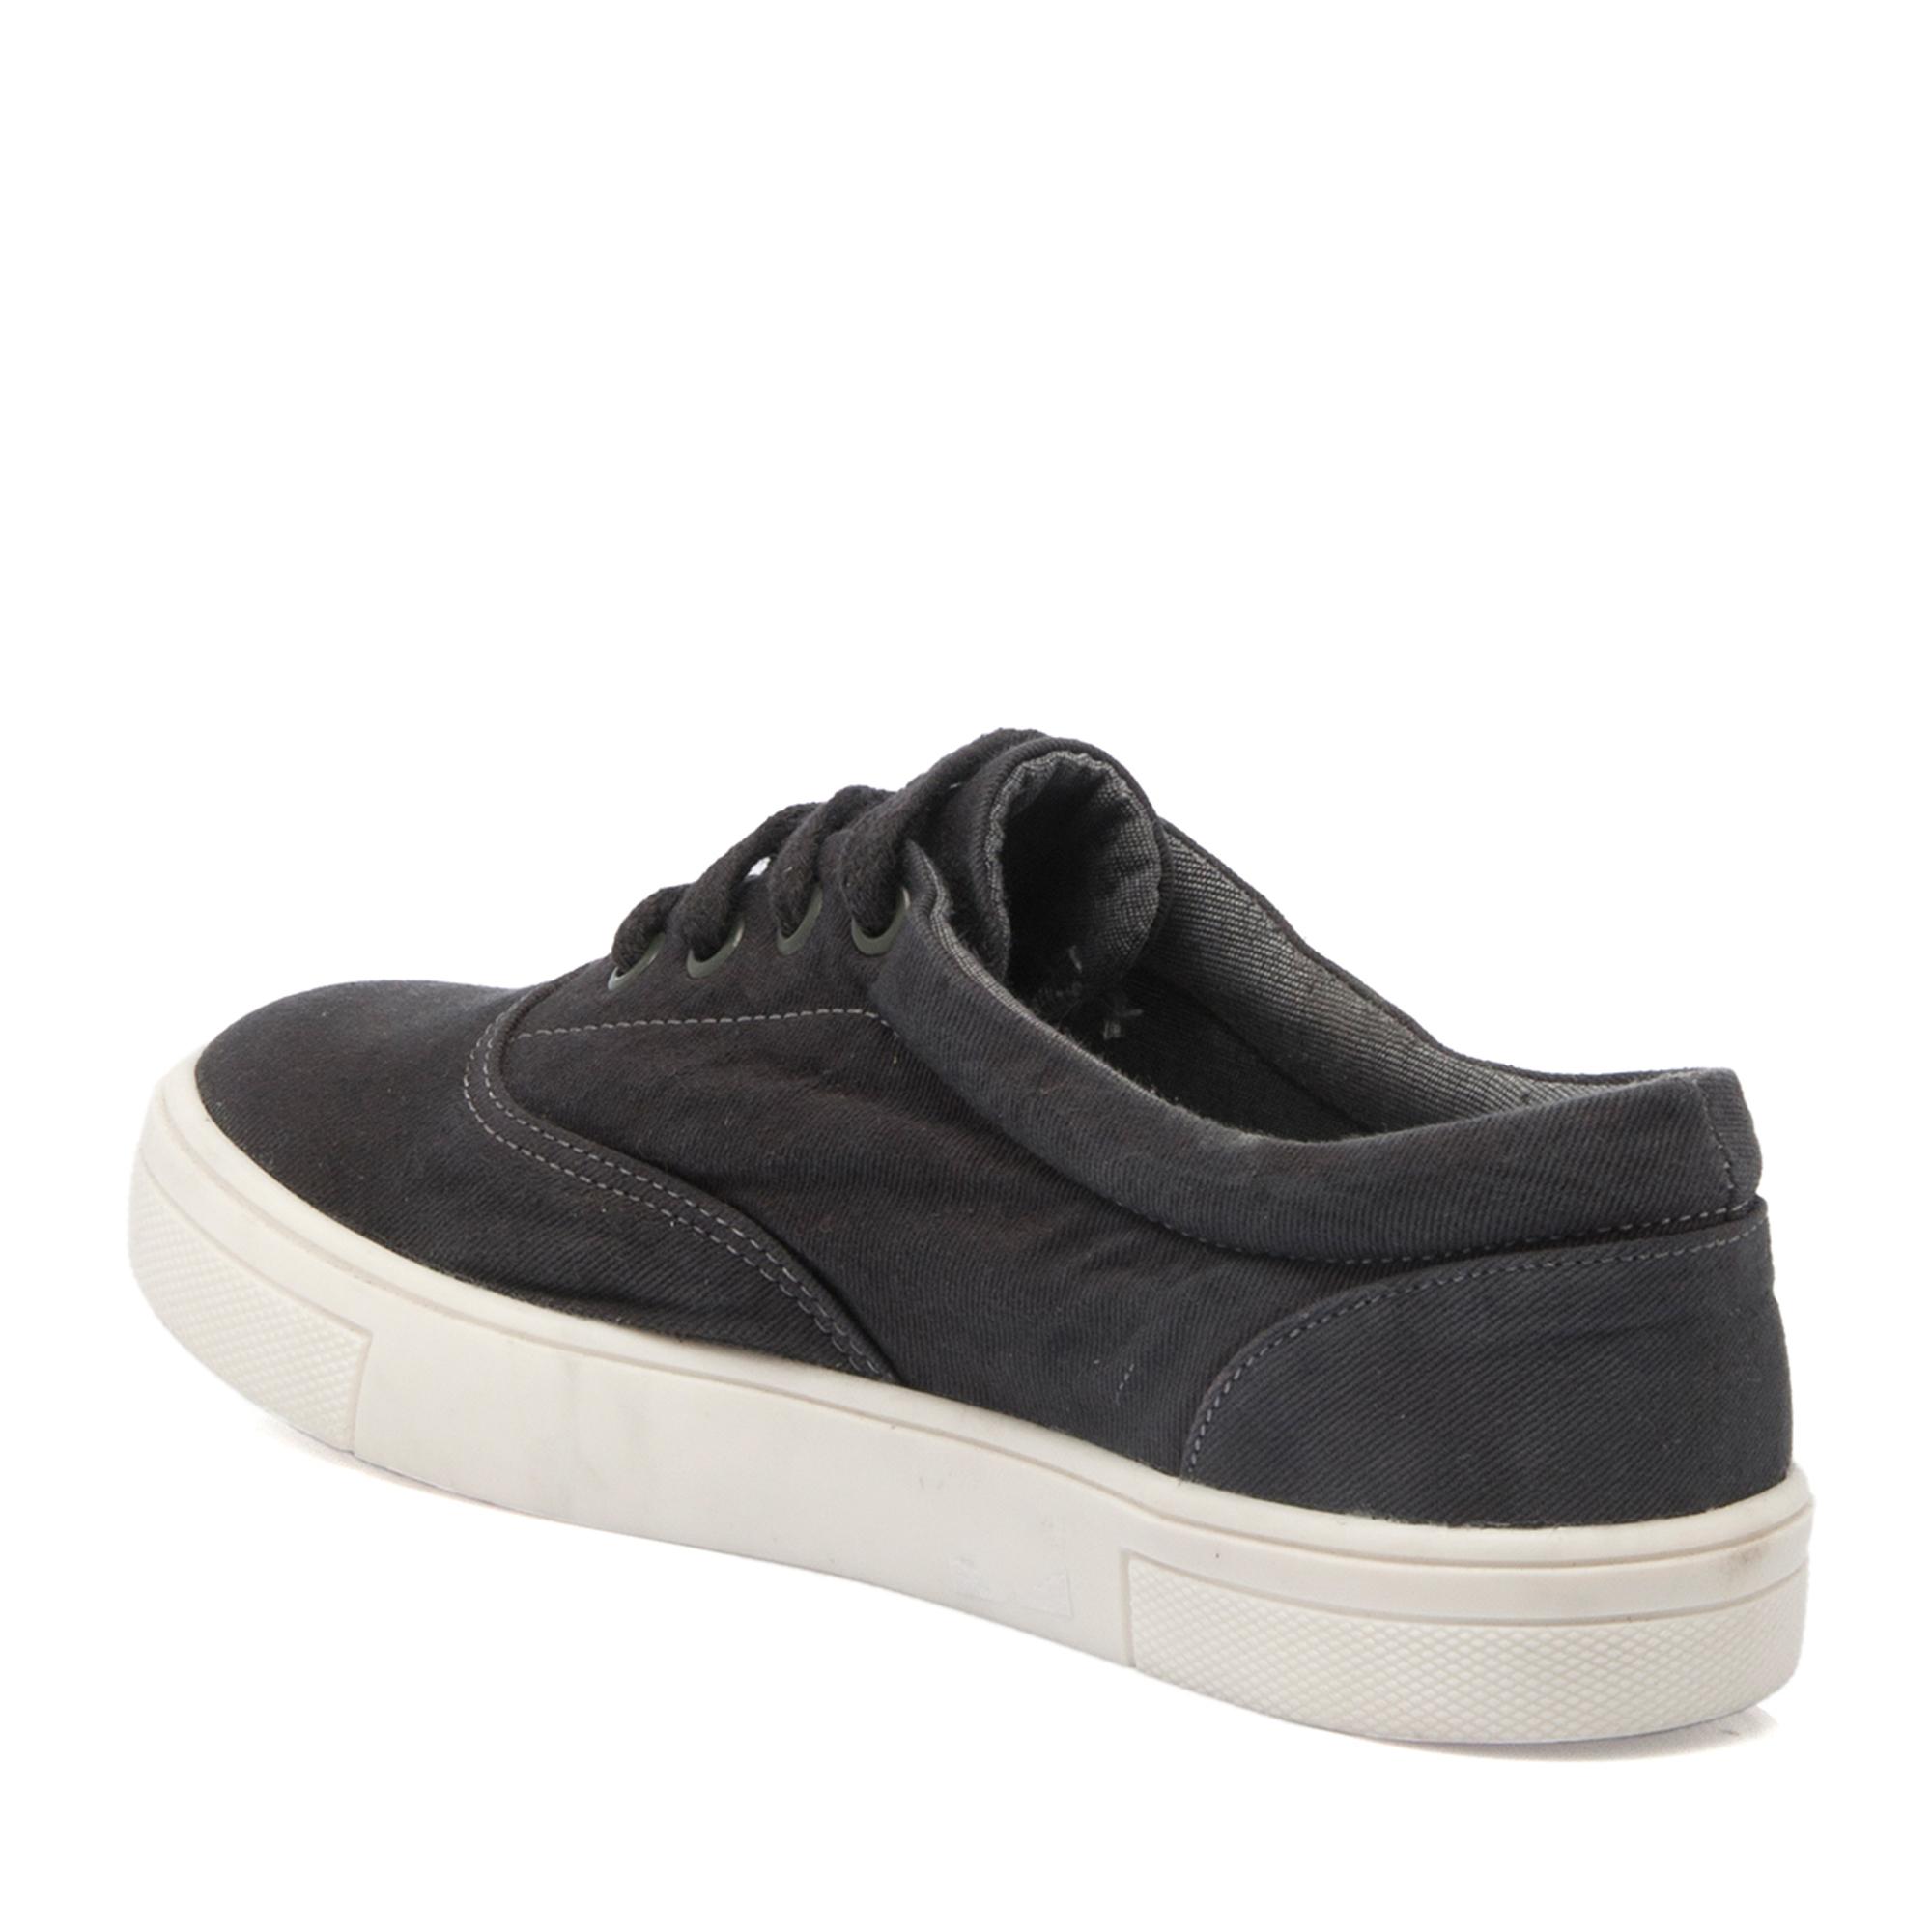 Siyah Tekstil Kadın Ayakkabı 64240B11